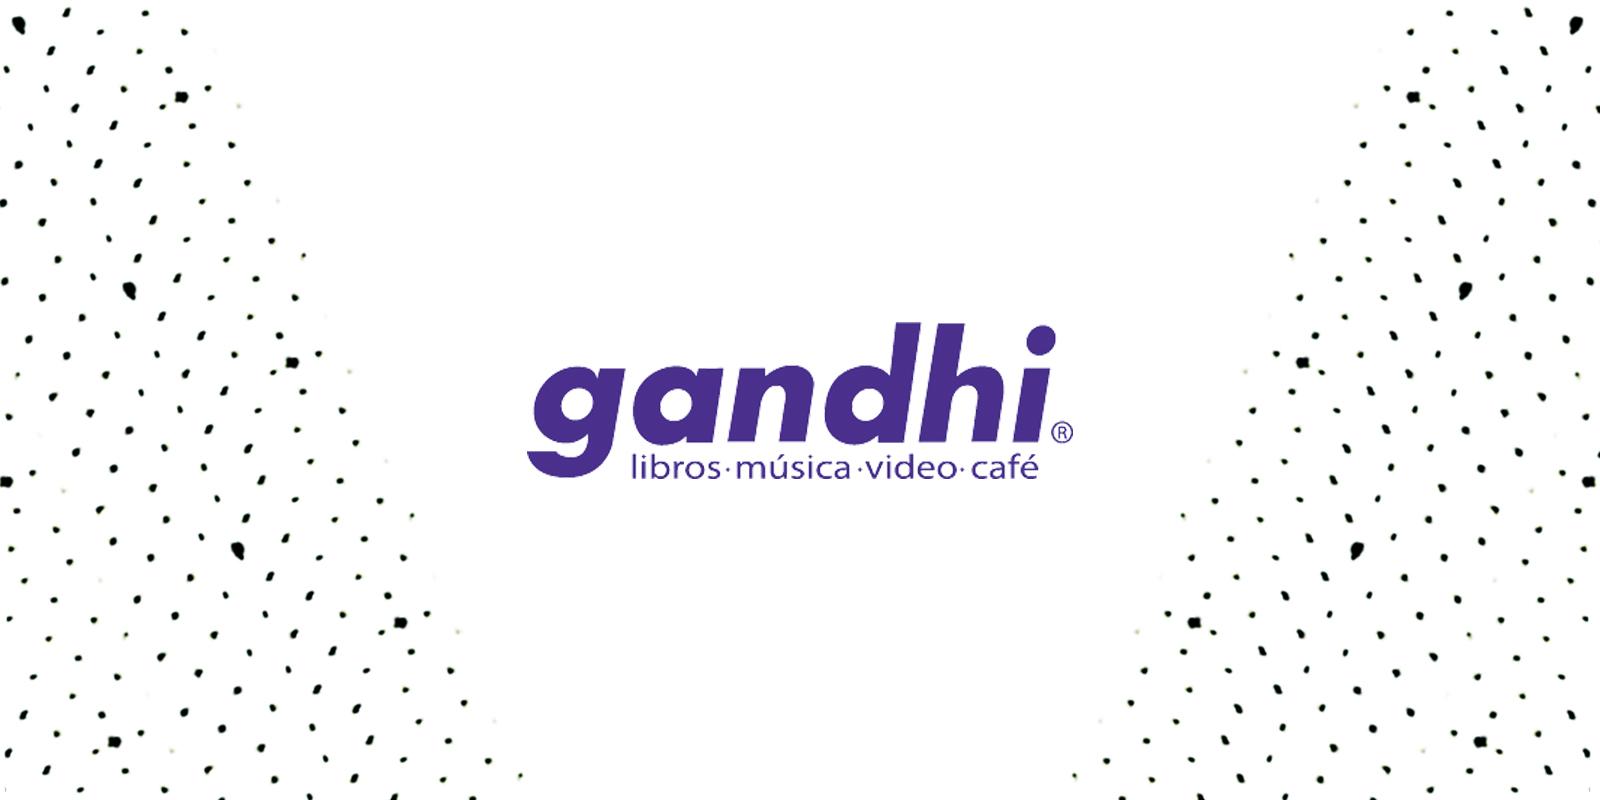 Librería Gandhi